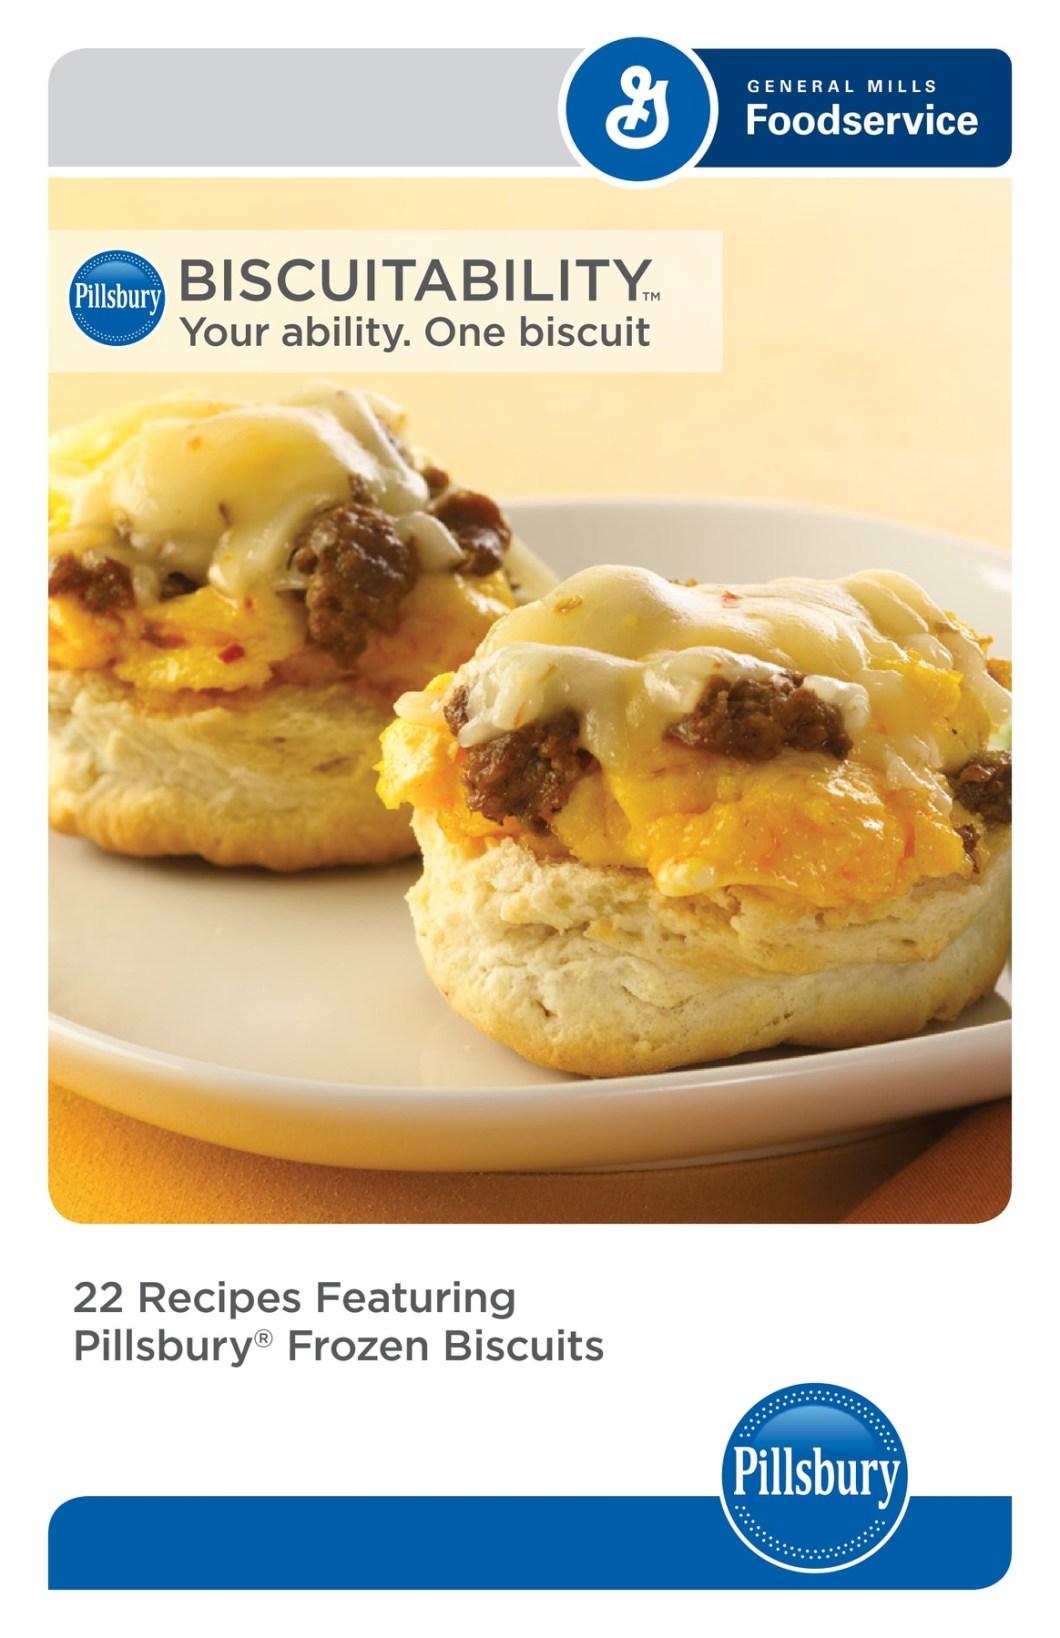 Pillsbury Frozen Biscuits Recipes Menurecipe